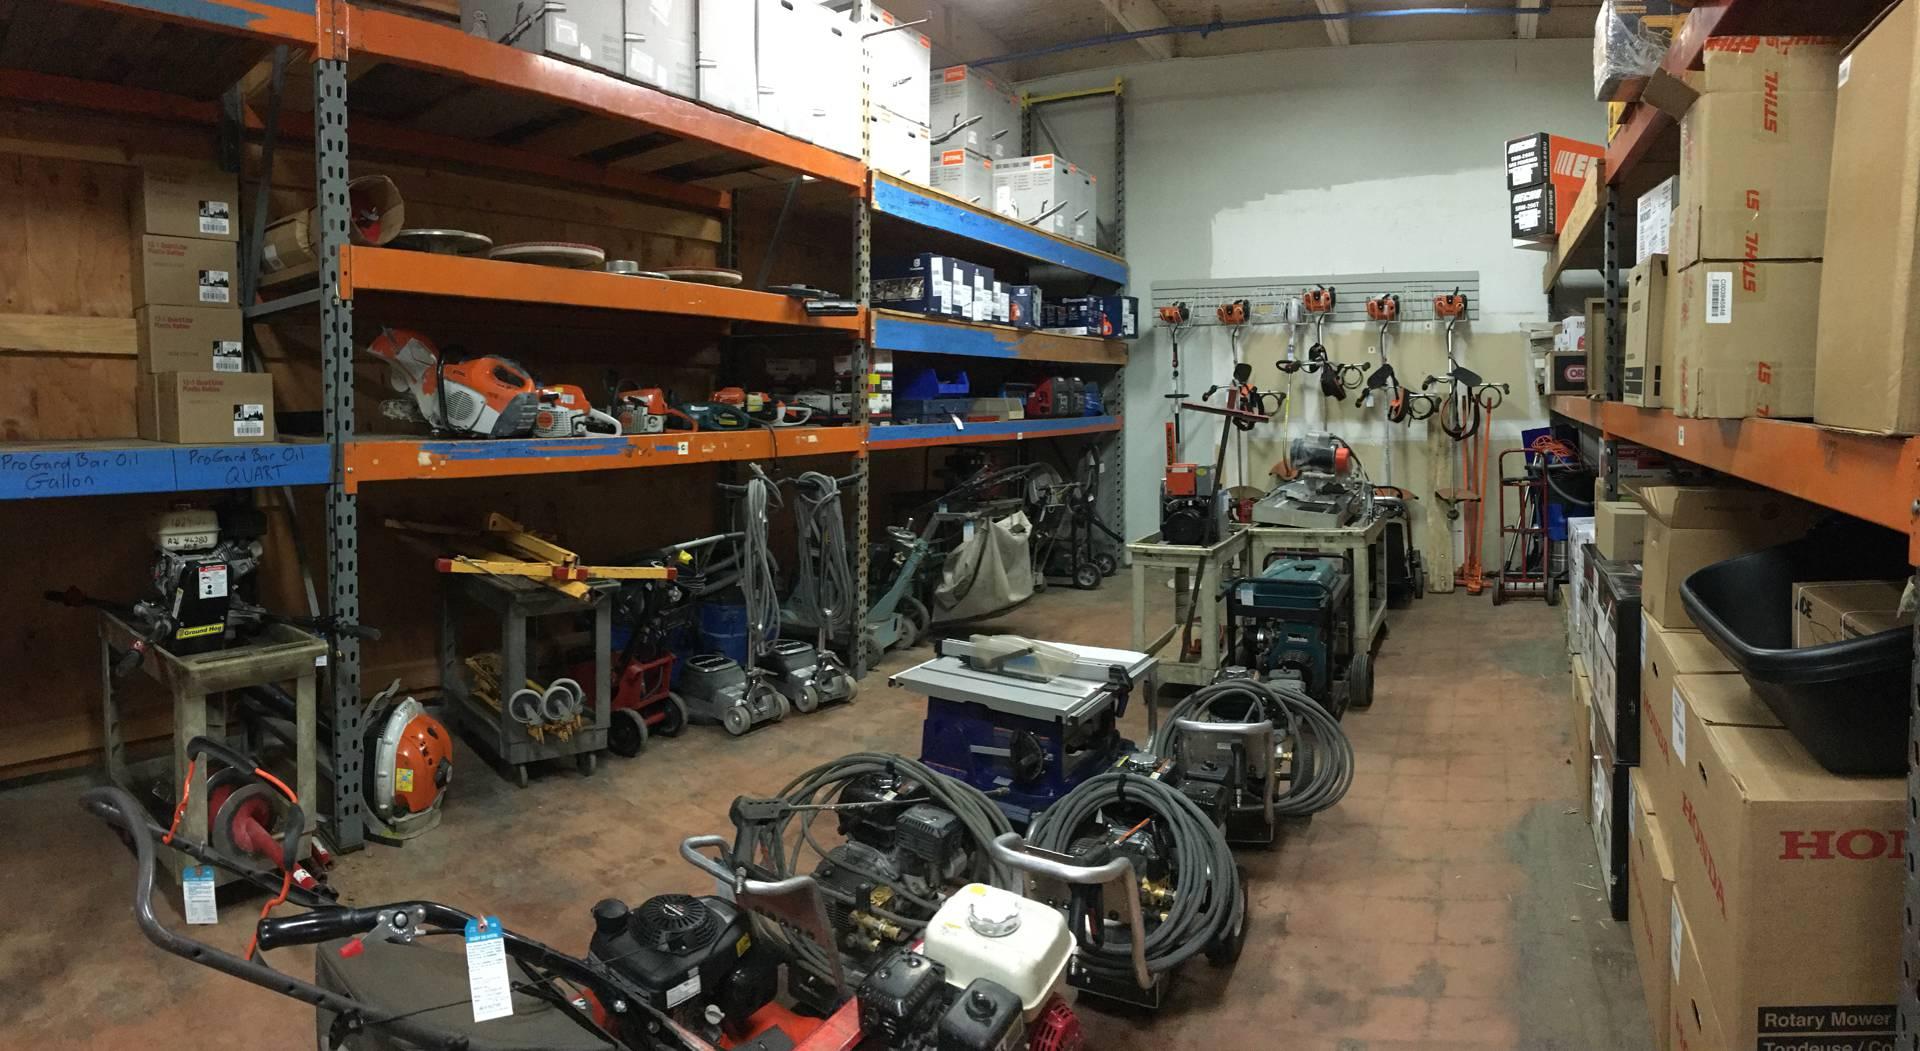 Rent Tools in San Rafael CA at Jacksons Hardware  Power